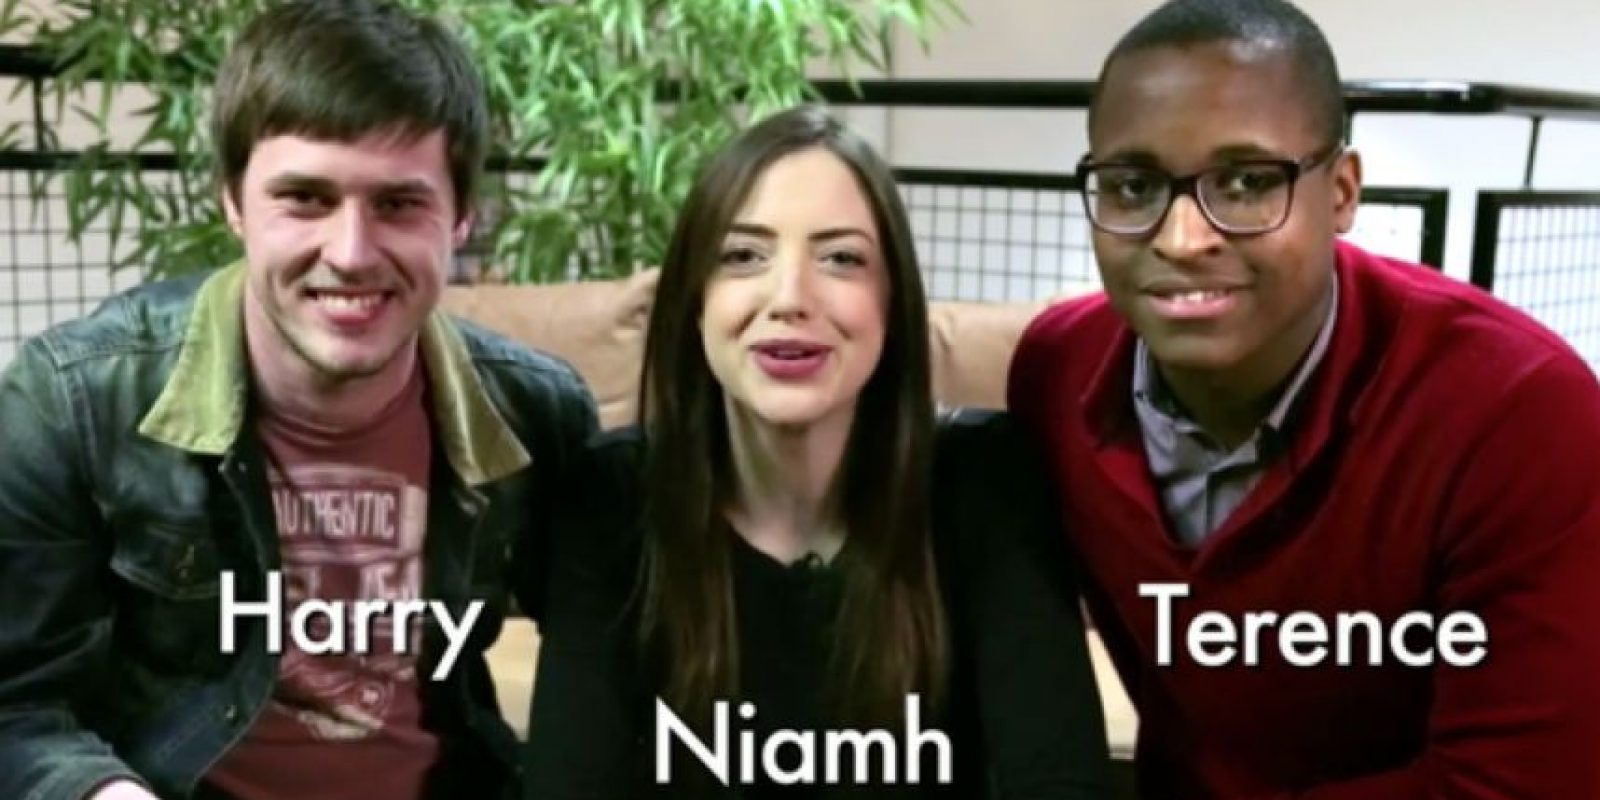 Una muy interesante campaña comenzó con la apuesta de tres amigos. Foto:vía TwinStrangers